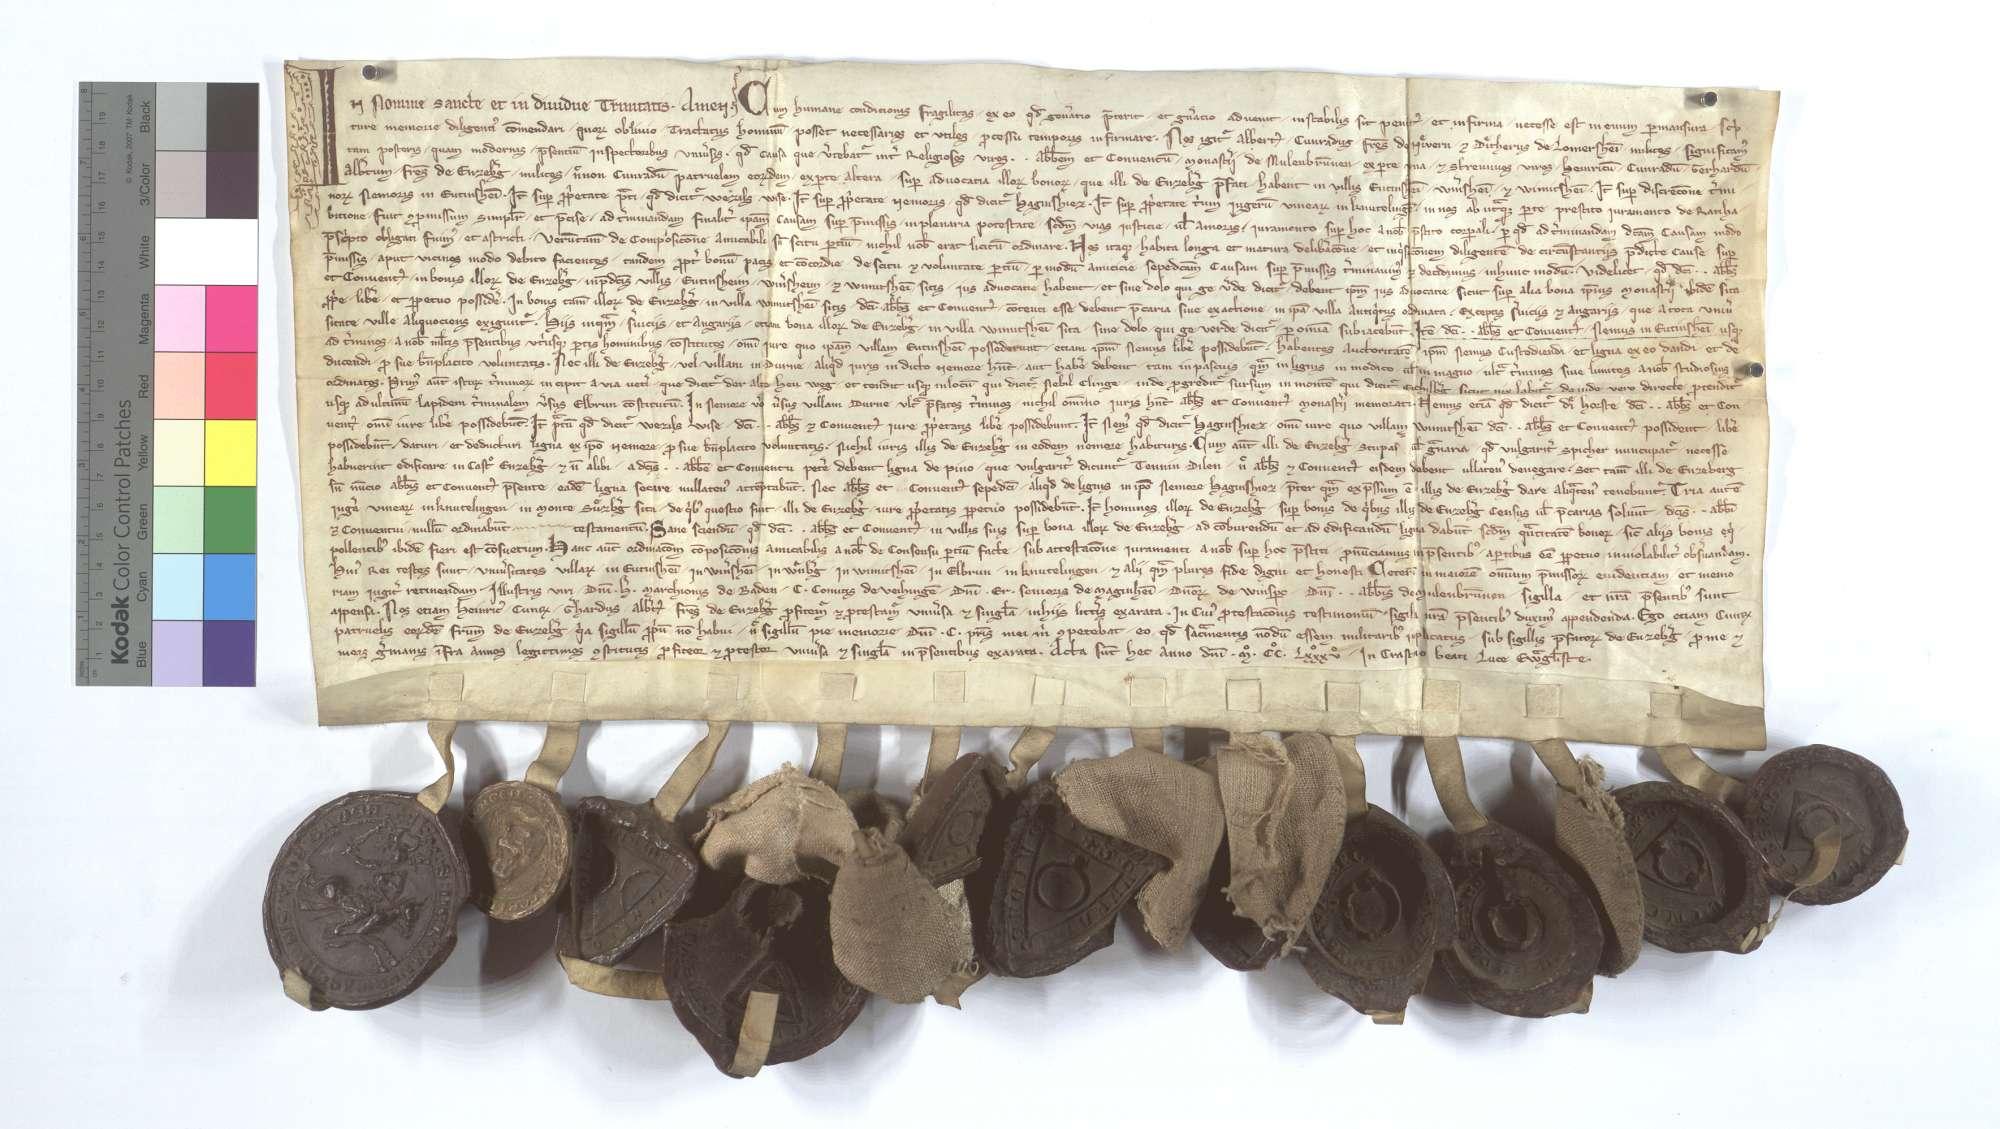 Die Ritter Albert und Konrad von Niefern und Diether von Lomersheim entscheiden Streitigkeiten der Herren von Enzberg mit dem Kloster Maulbronn., Text